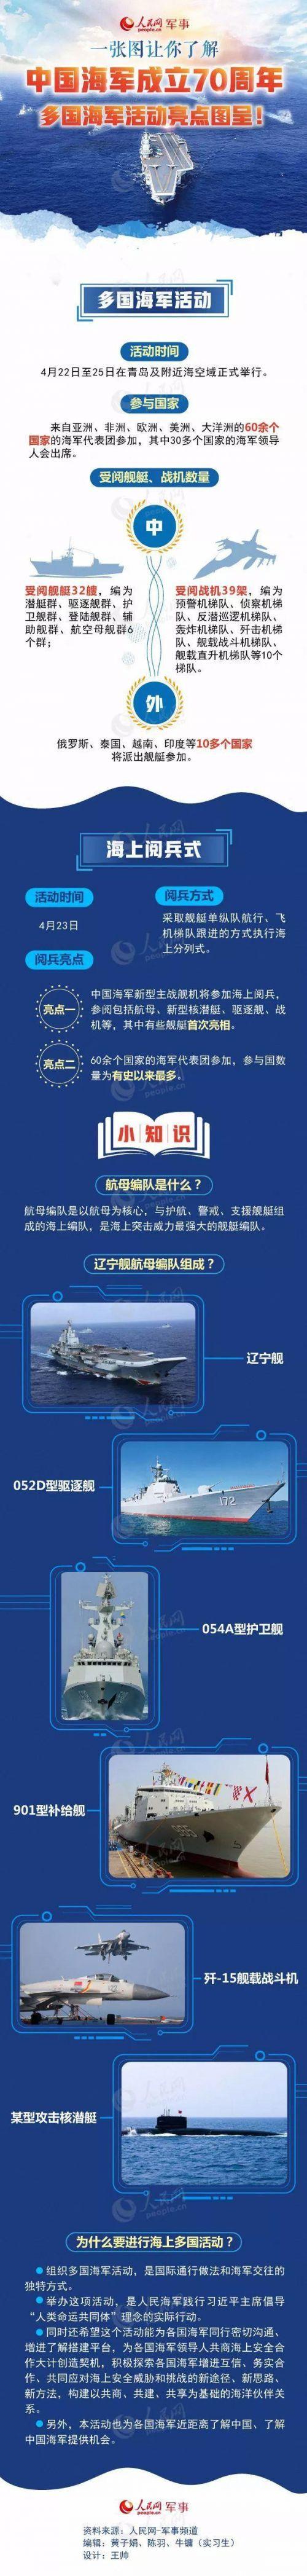 海上阅兵有哪些知识是需要知道的_海上阅兵有哪些知识是需要知道的 中国海军70周年活动亮点有哪些